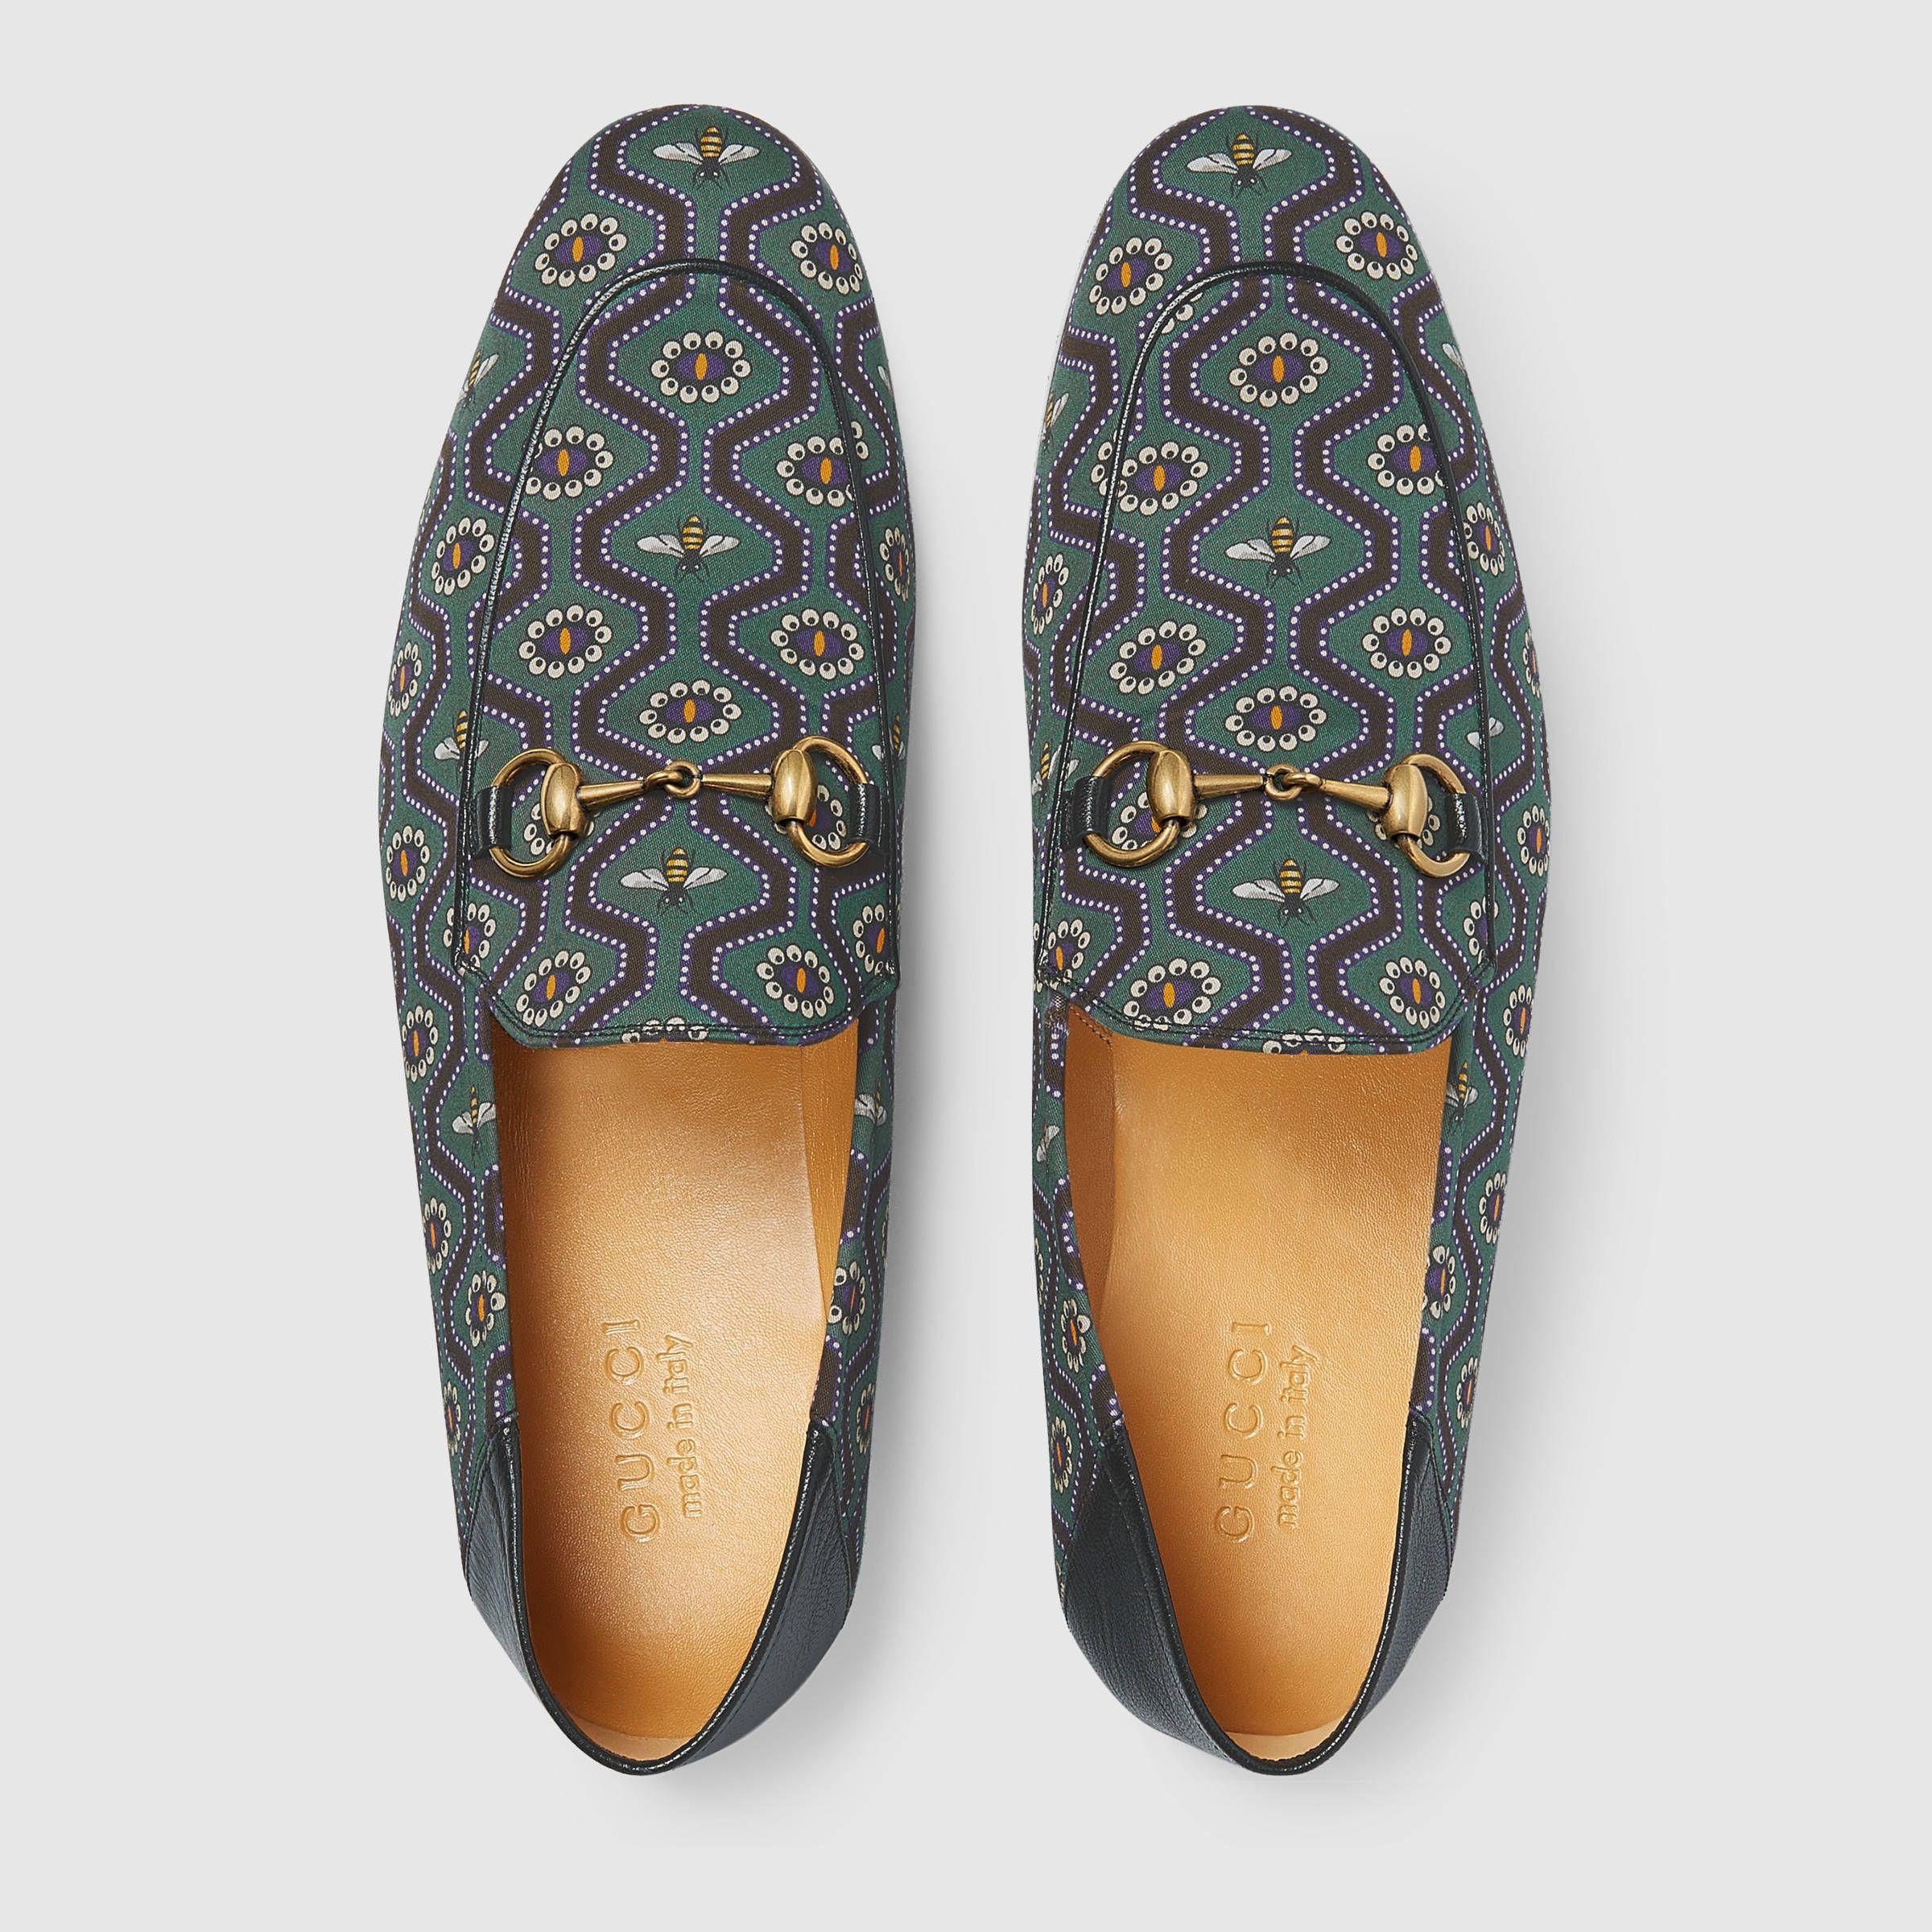 Gucci men shoes, Gucci leather shoes